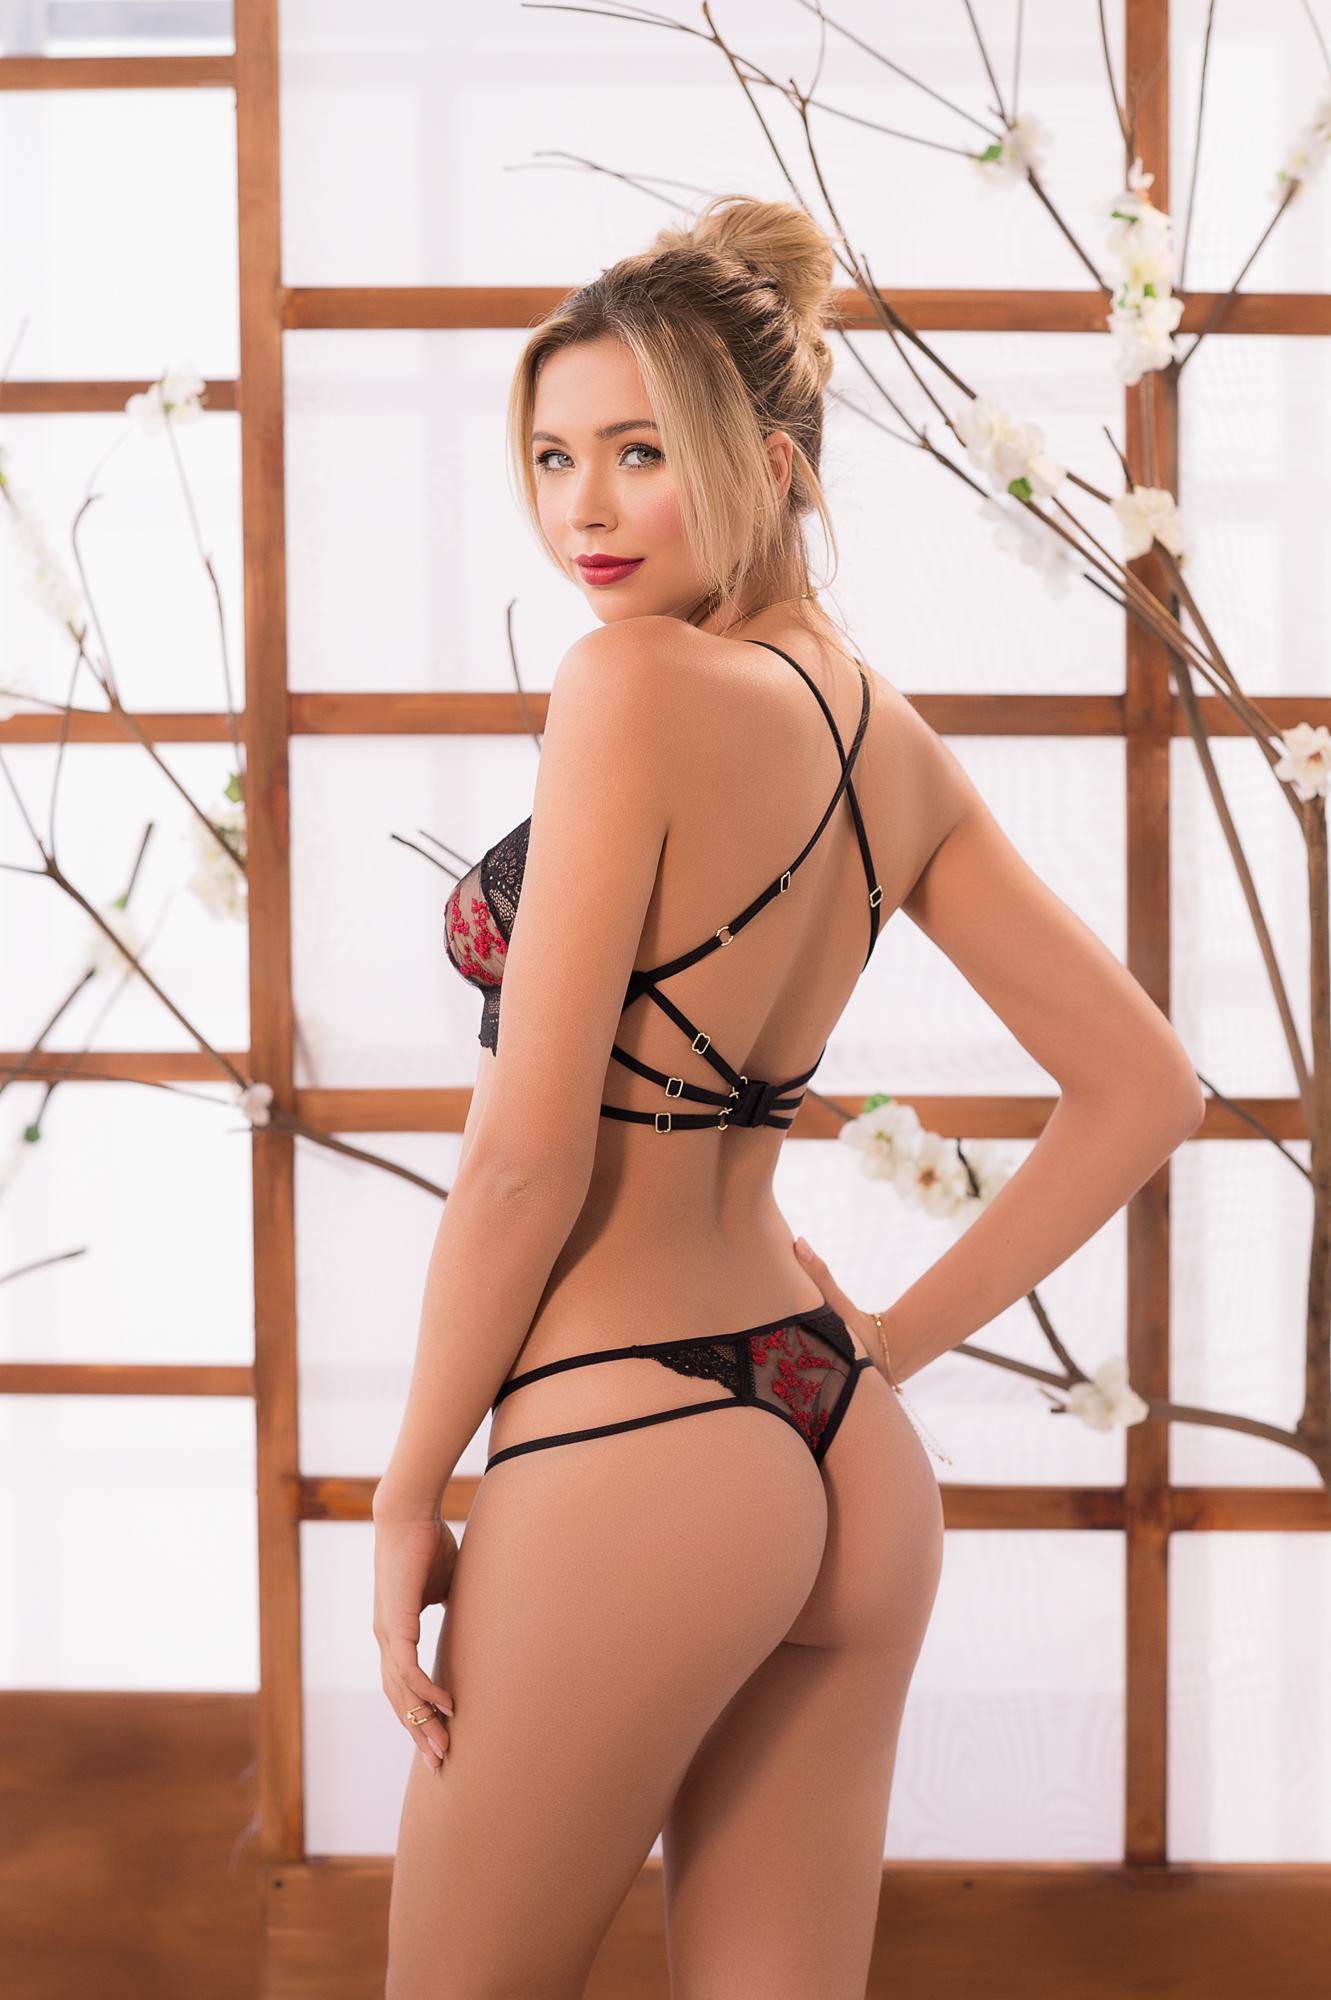 cool lingerie model's back